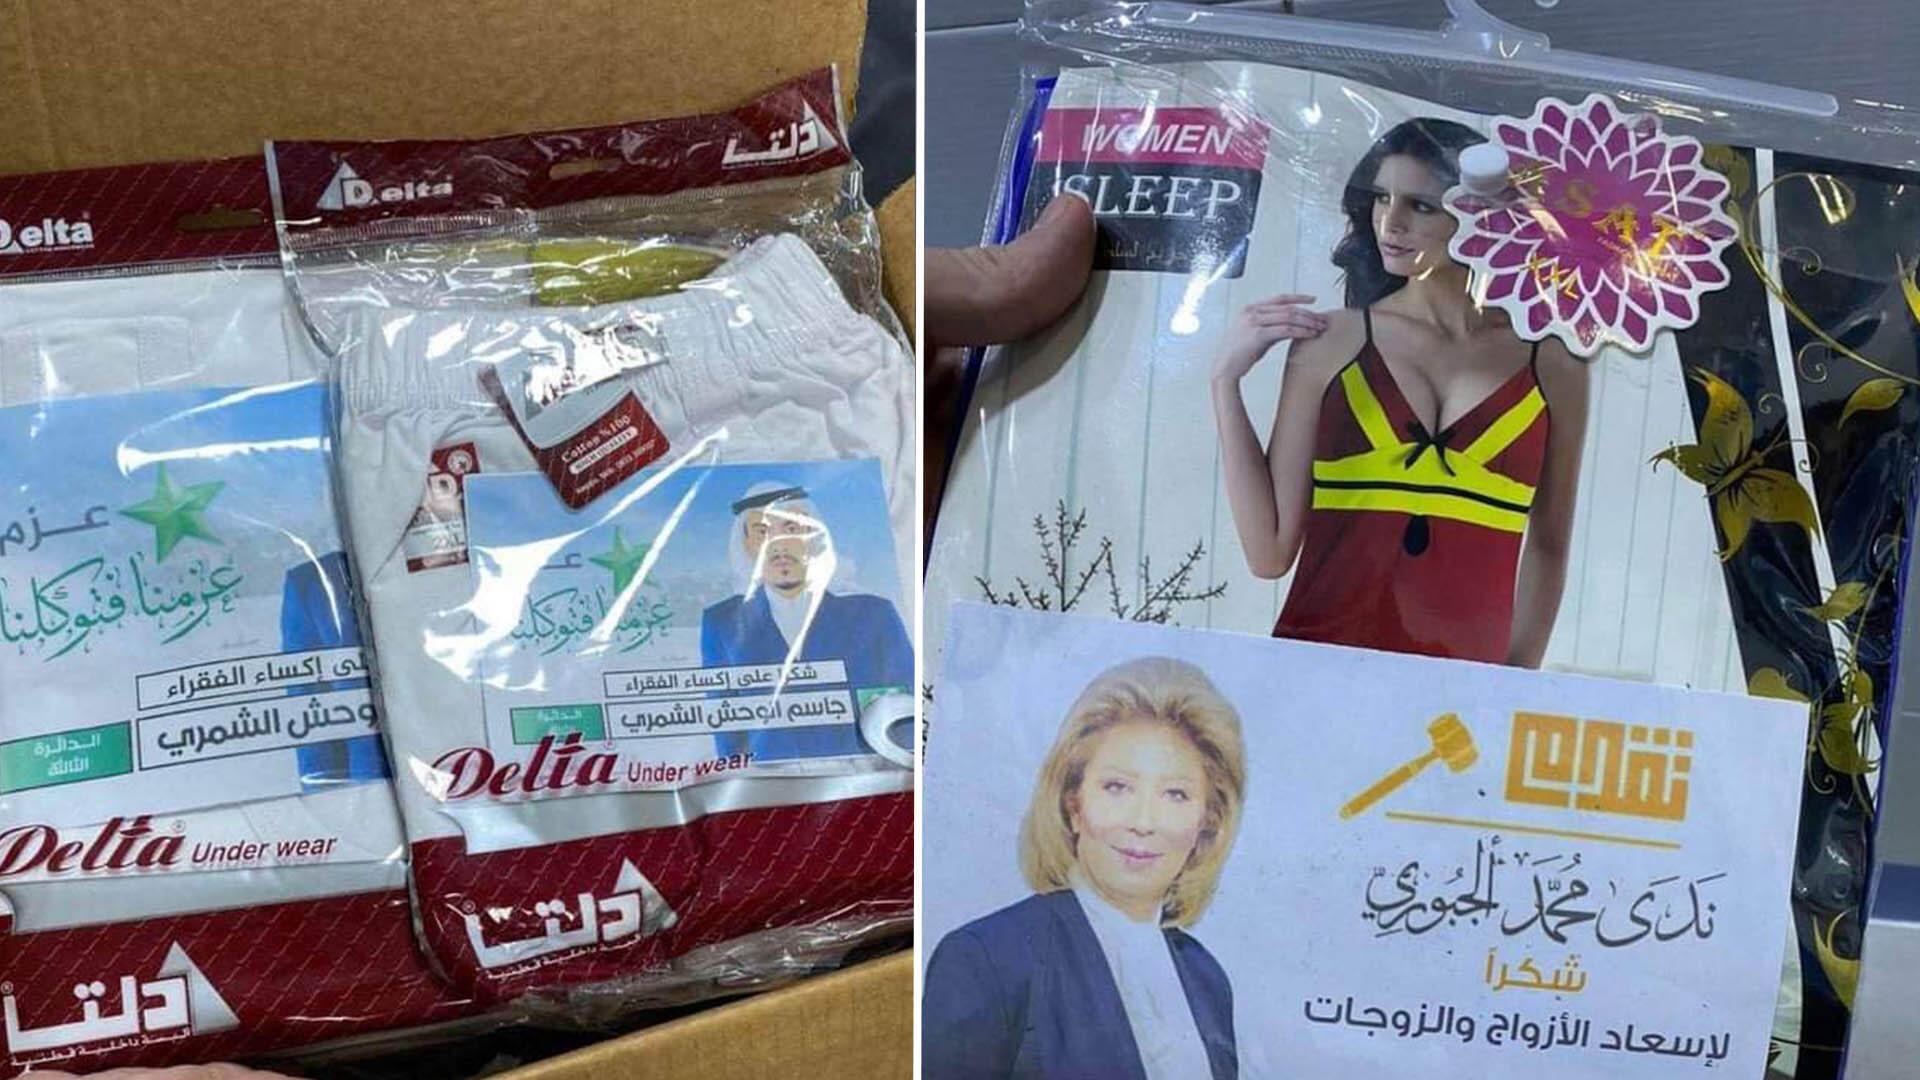 تاپ زنانه، لباس شب و شورت به همراه اعلامیههای نامزدهای مستقل یا کسانی که به احزاب عراقی وابسته هستند در طول مبارزات انتخاباتی به رای دهندگان اهدا شد.